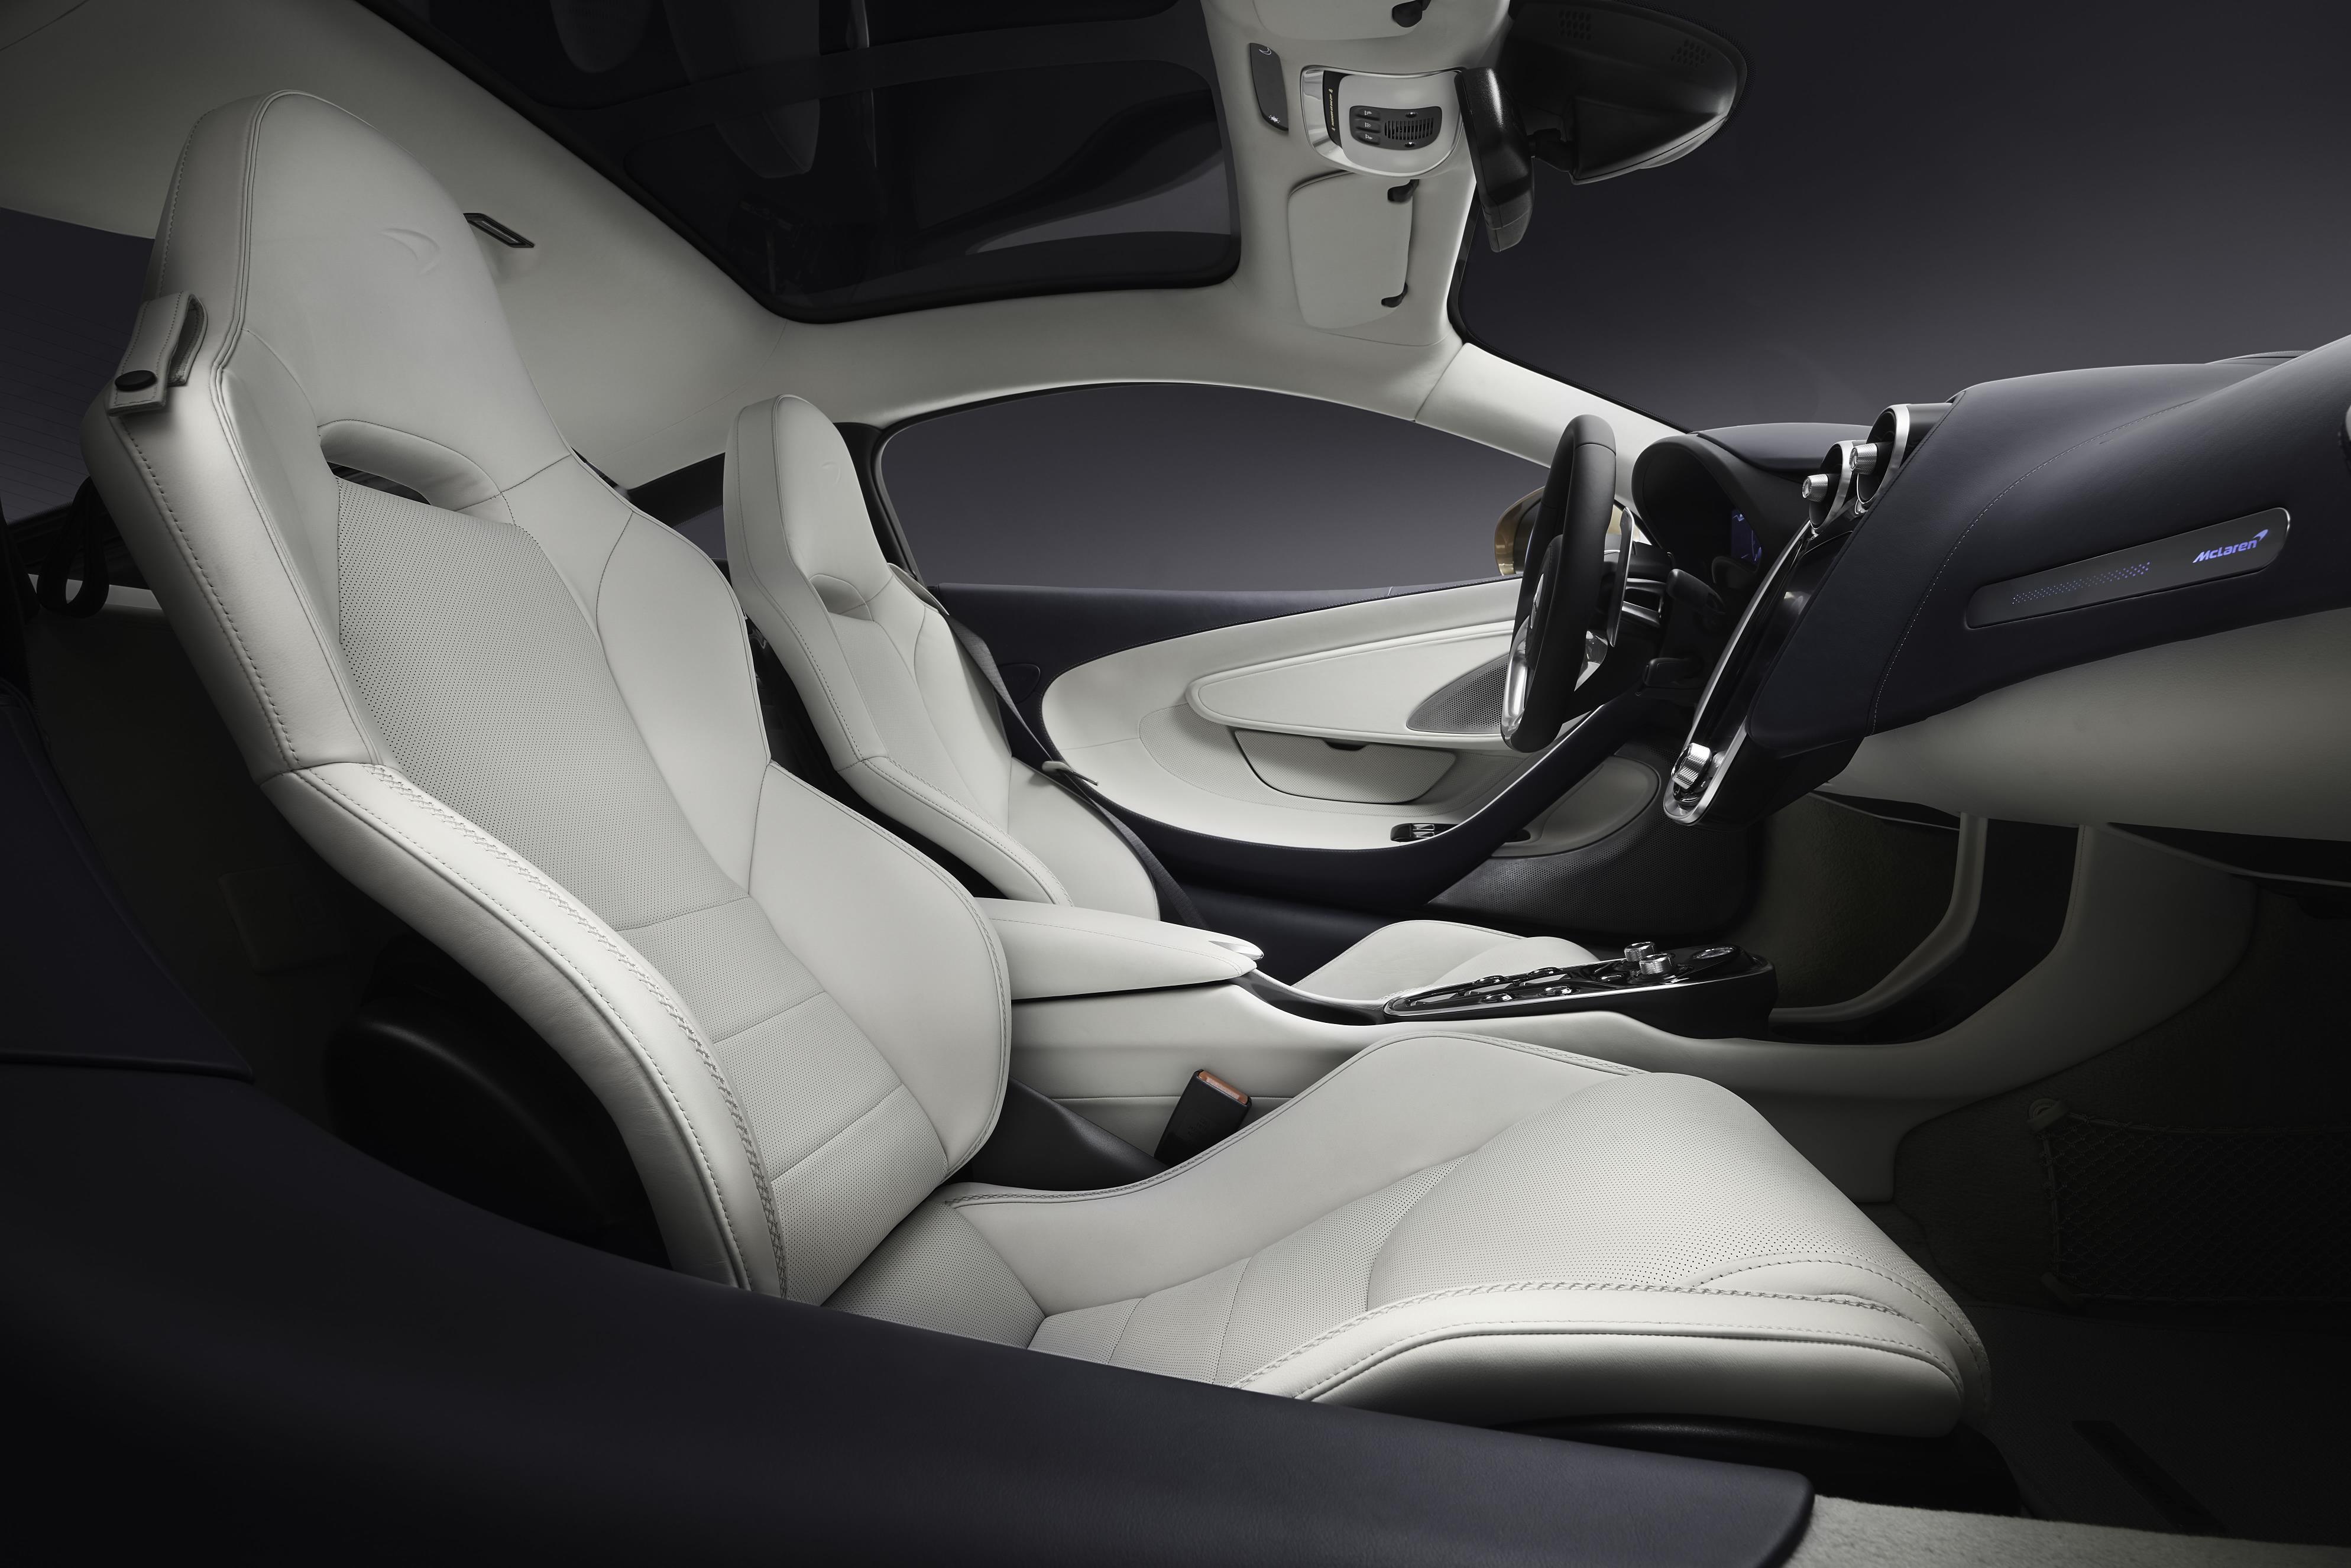 McLaren GT Seats